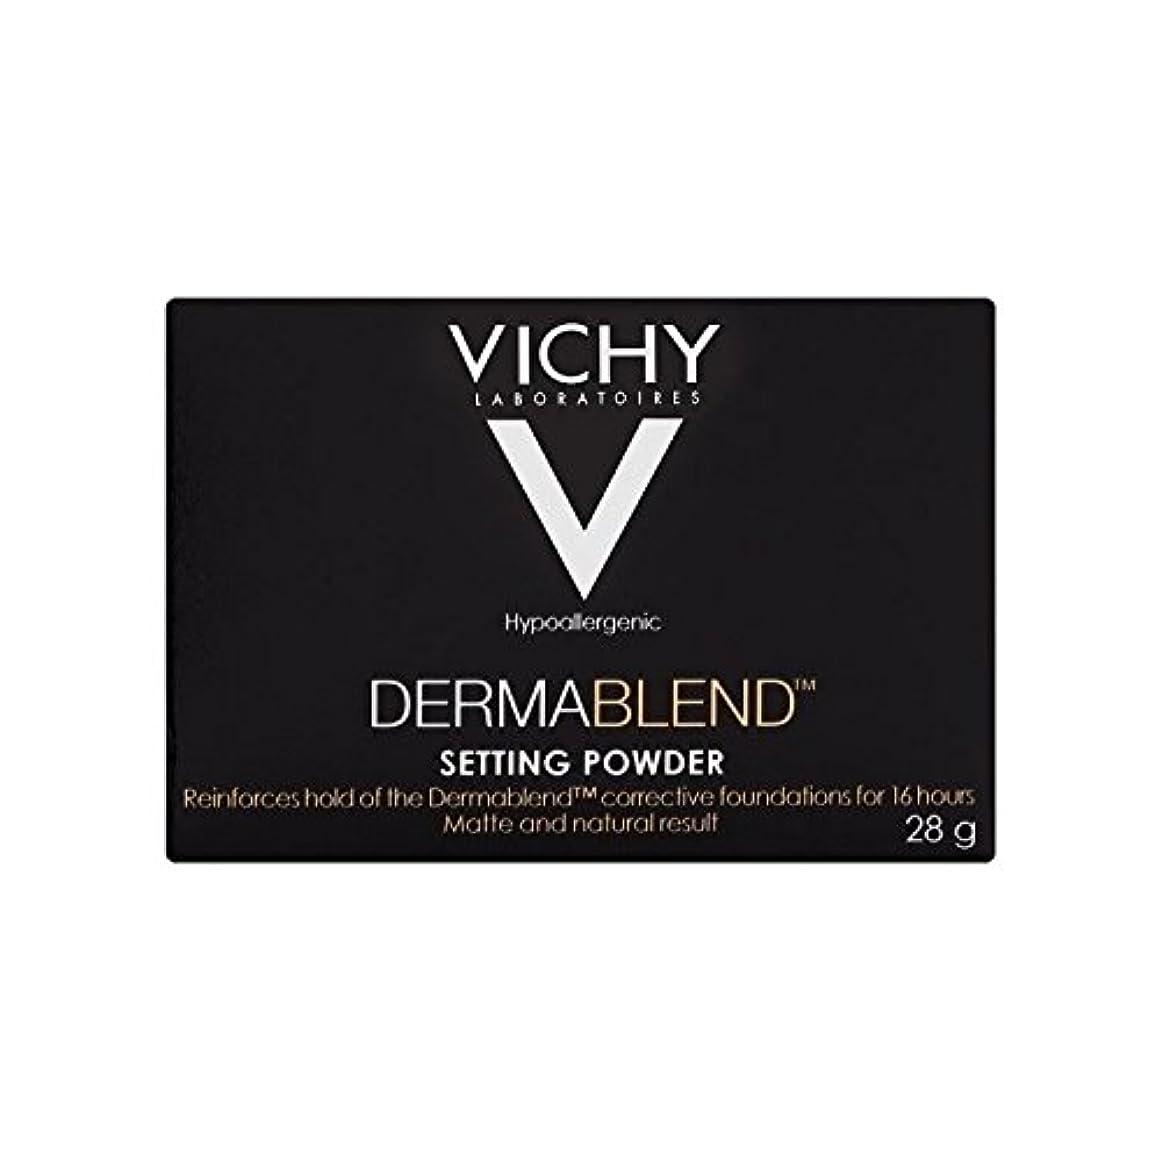 トラクター無駄達成するヴィシー設定粉末28グラム x2 - Vichy Dermablend Setting Powder 28g (Pack of 2) [並行輸入品]